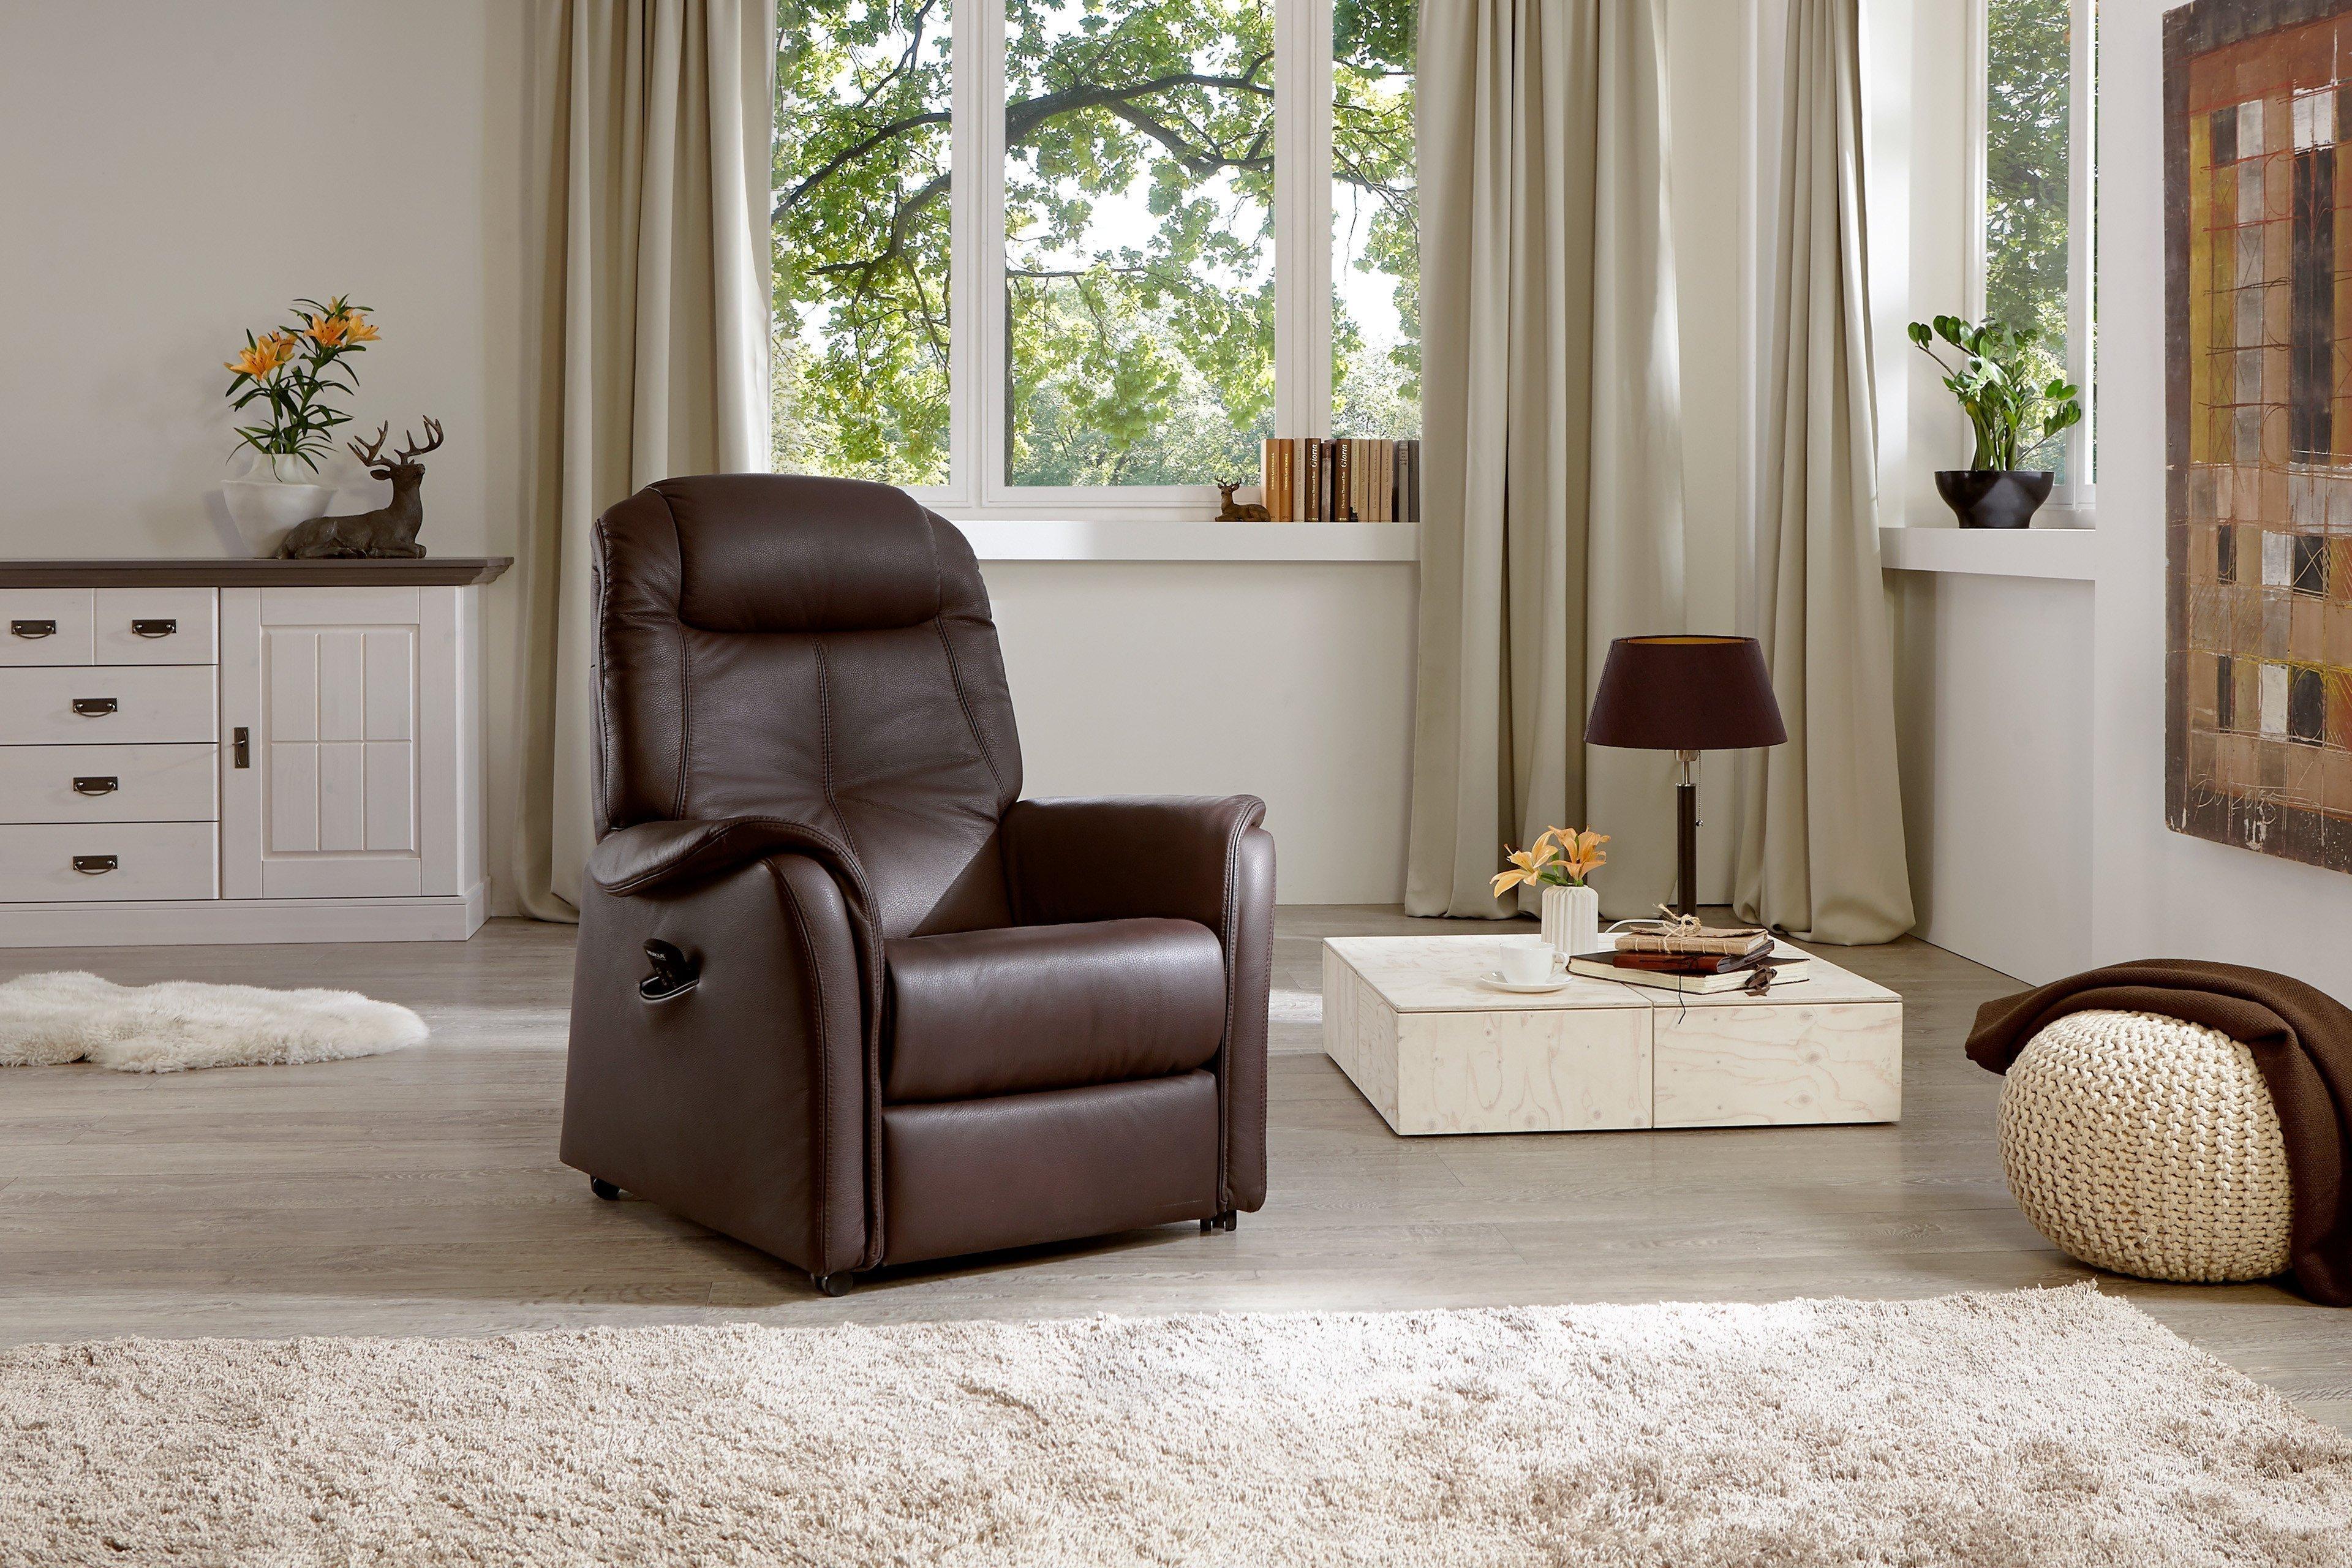 Hukla Ap06 Relaxsessel In Braun Möbel Letz Ihr Online Shop